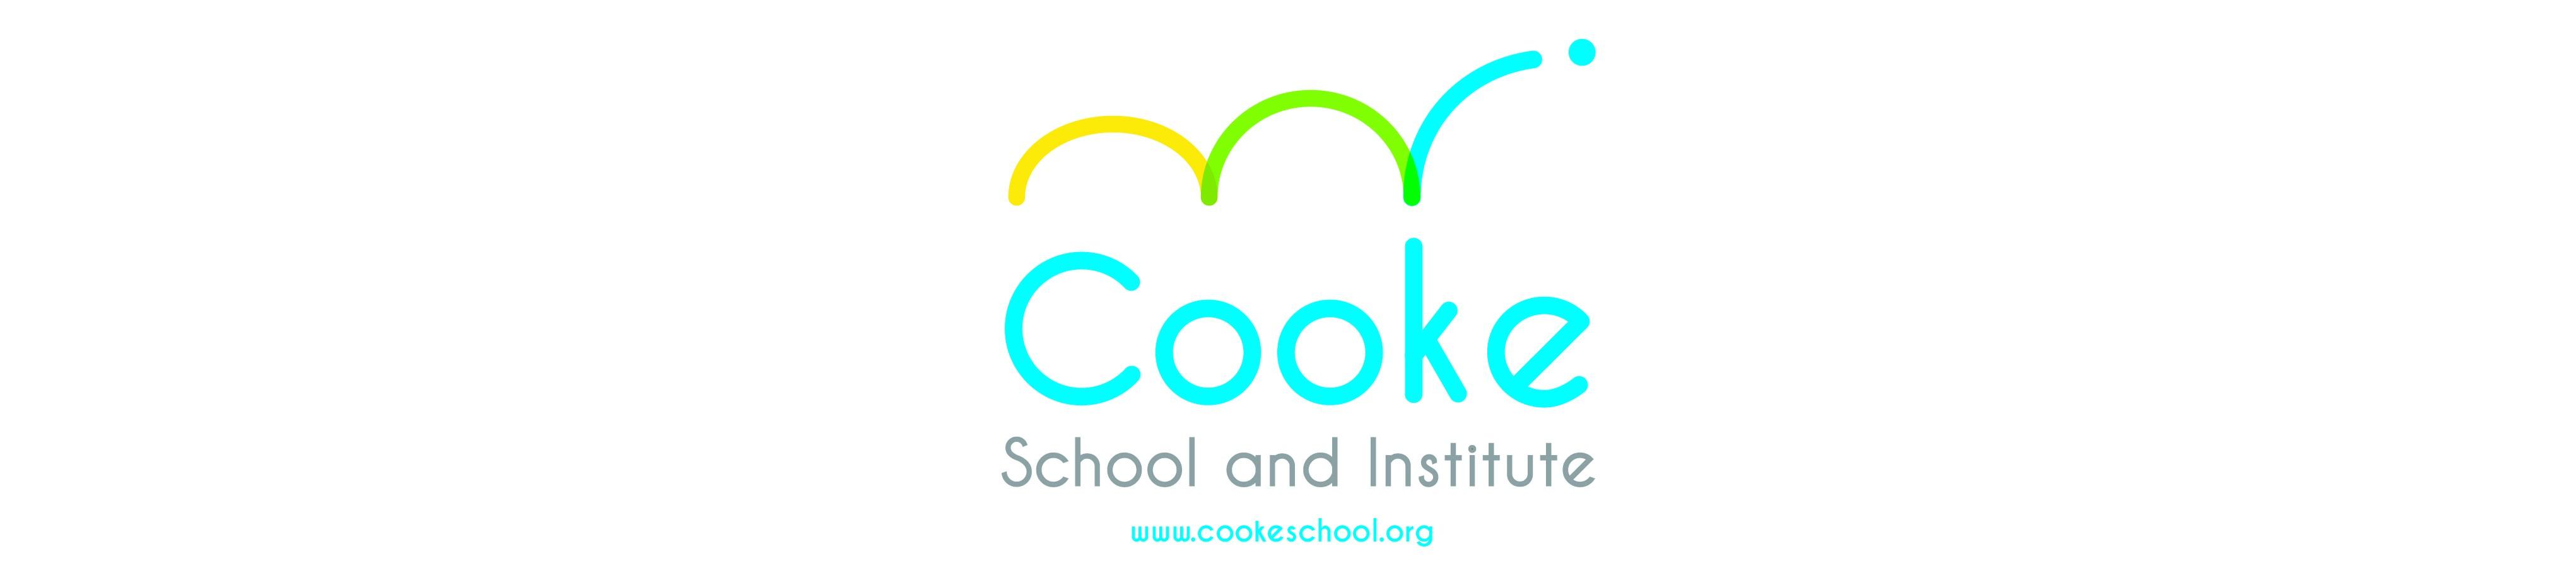 Cooke Center for Learning & Development | LinkedIn